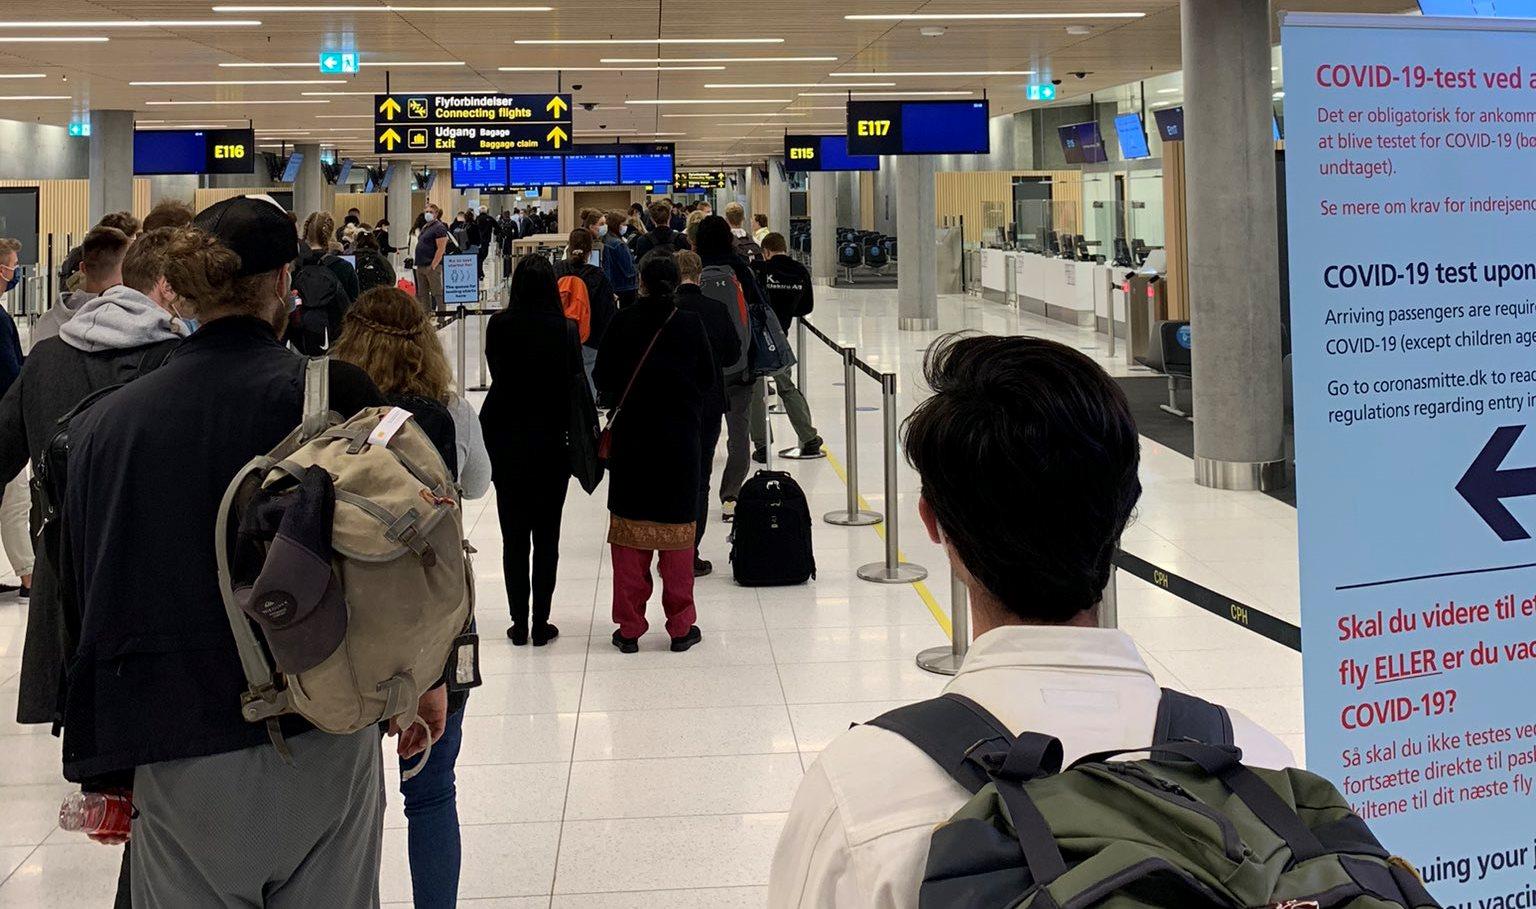 Ventetid på COVID-19-test ved ankomst i Københavns Lufthavn. (Foto: AMJ | privatfoto)